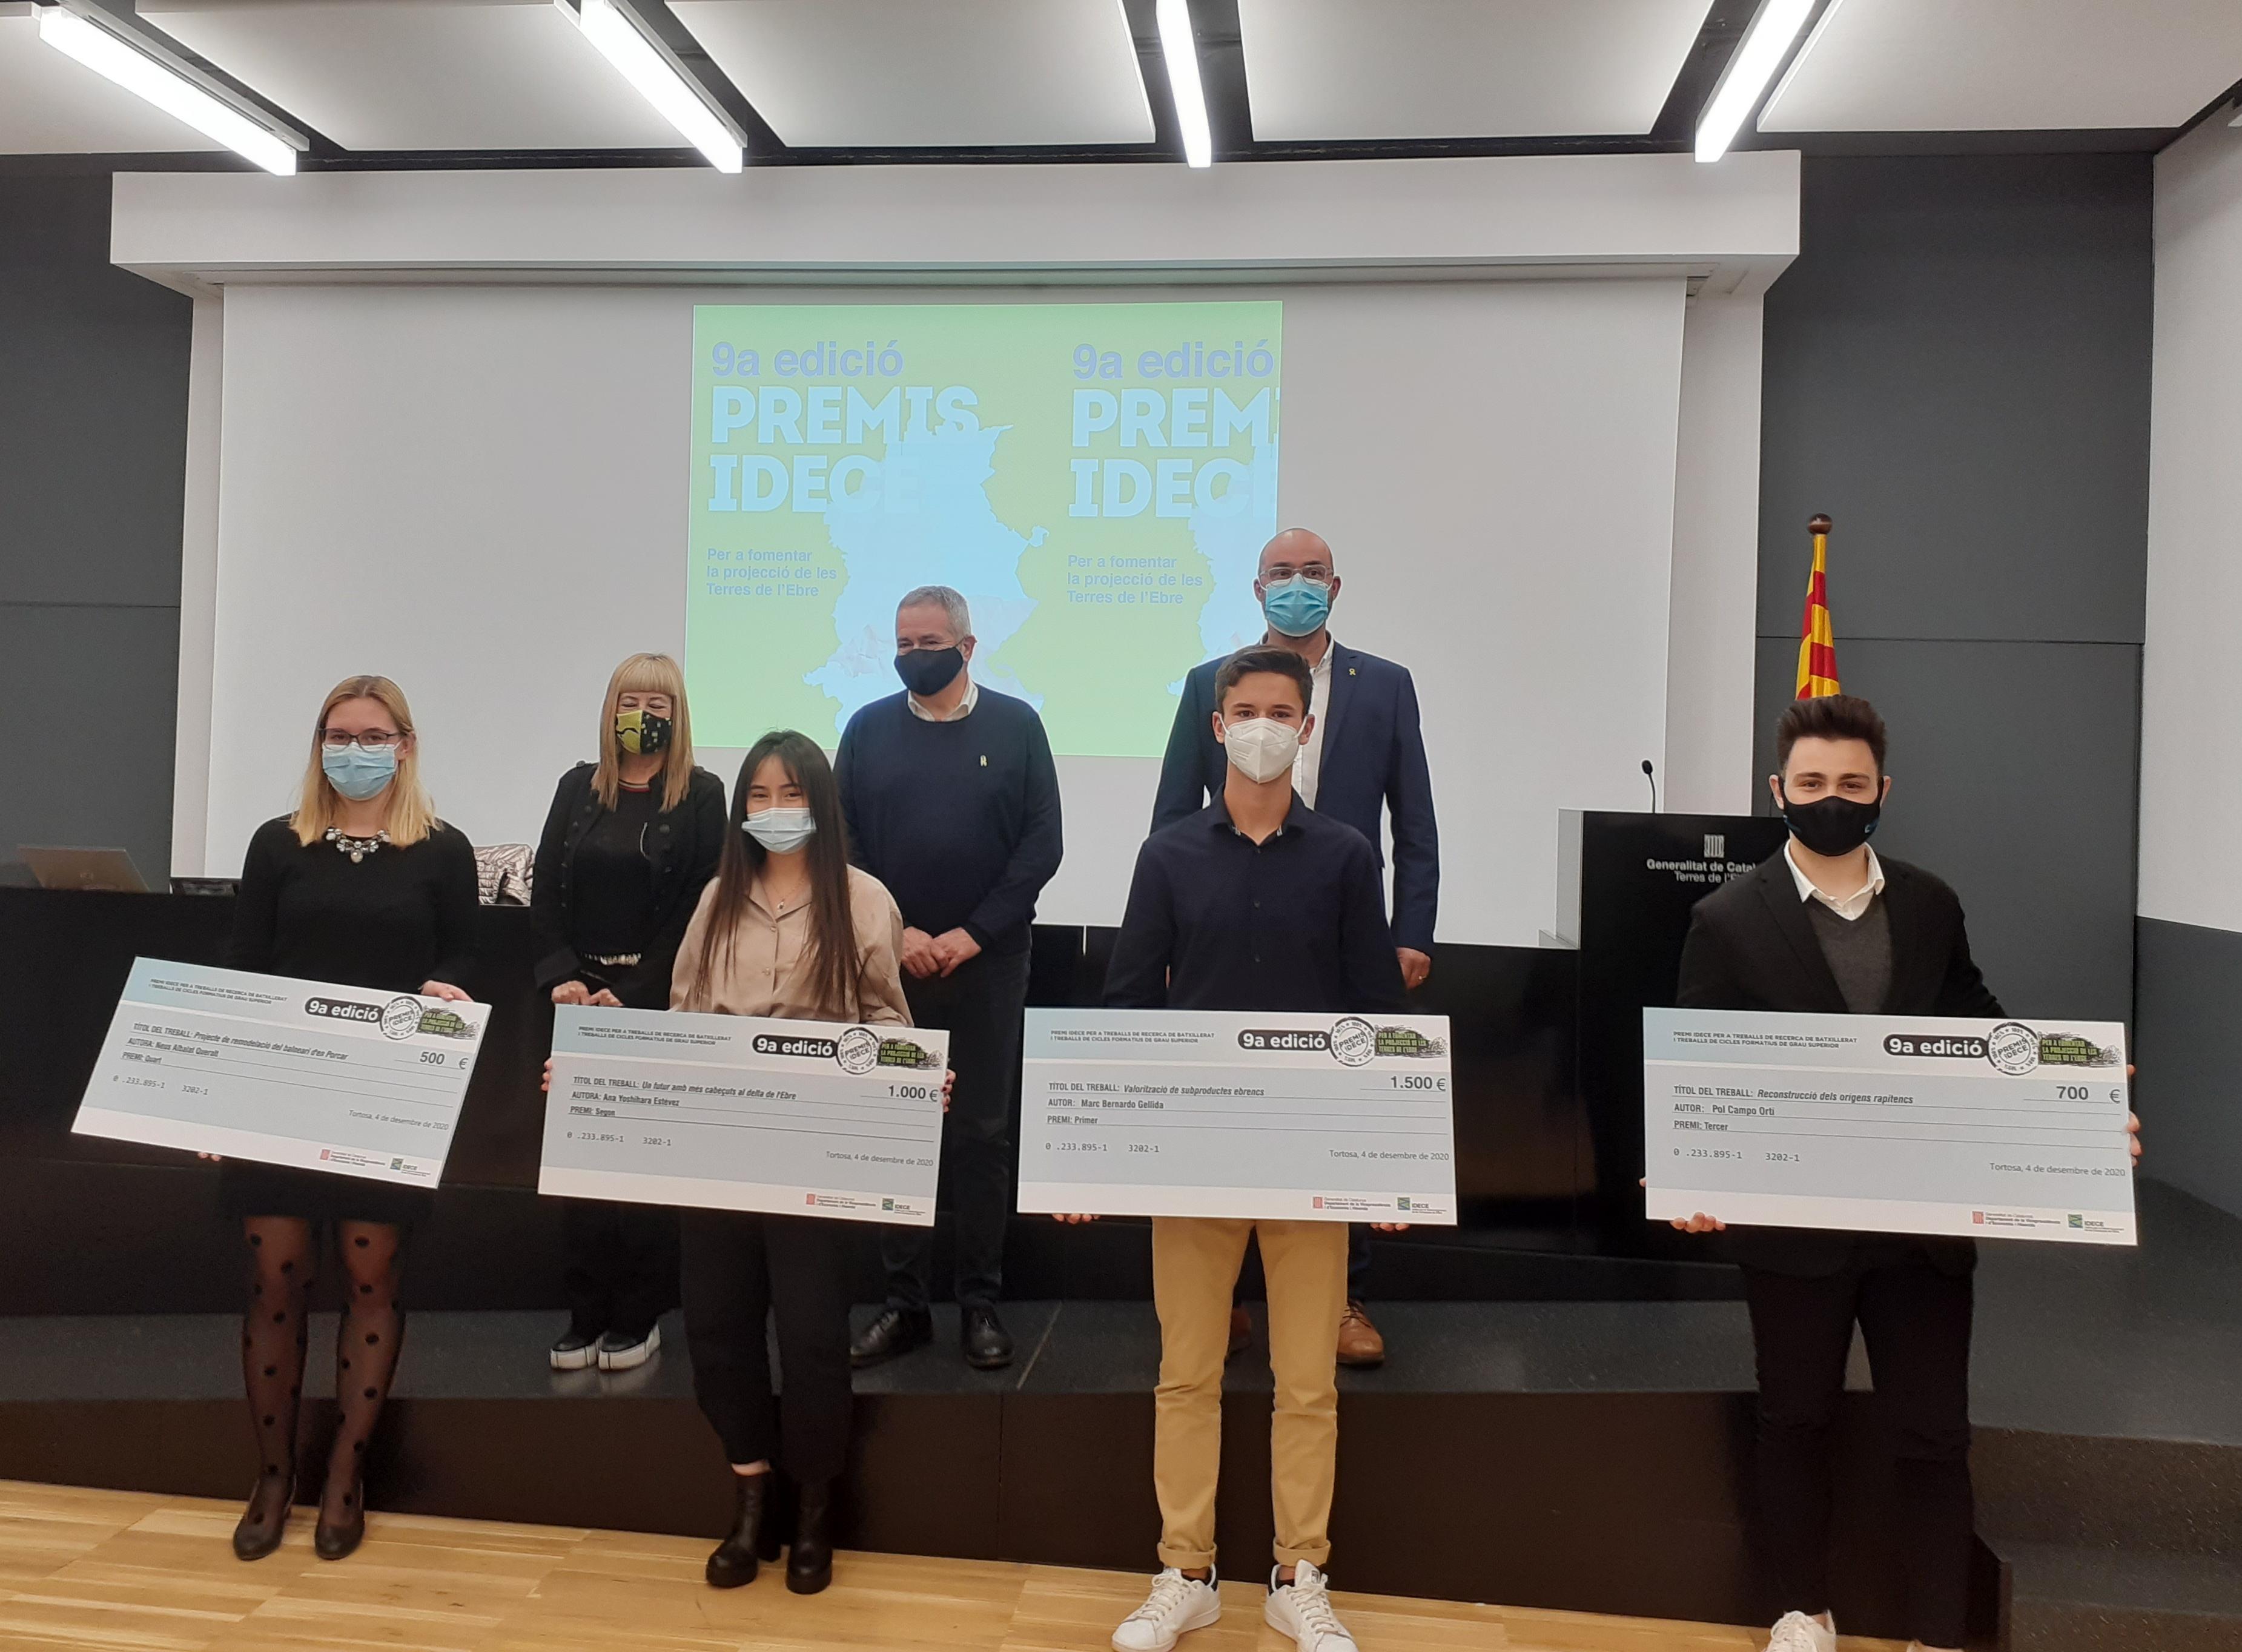 Guanyadors de la 9a. Edició dels Premis IDECE a la seu de la Generalitat a les Terres de l'Ebre